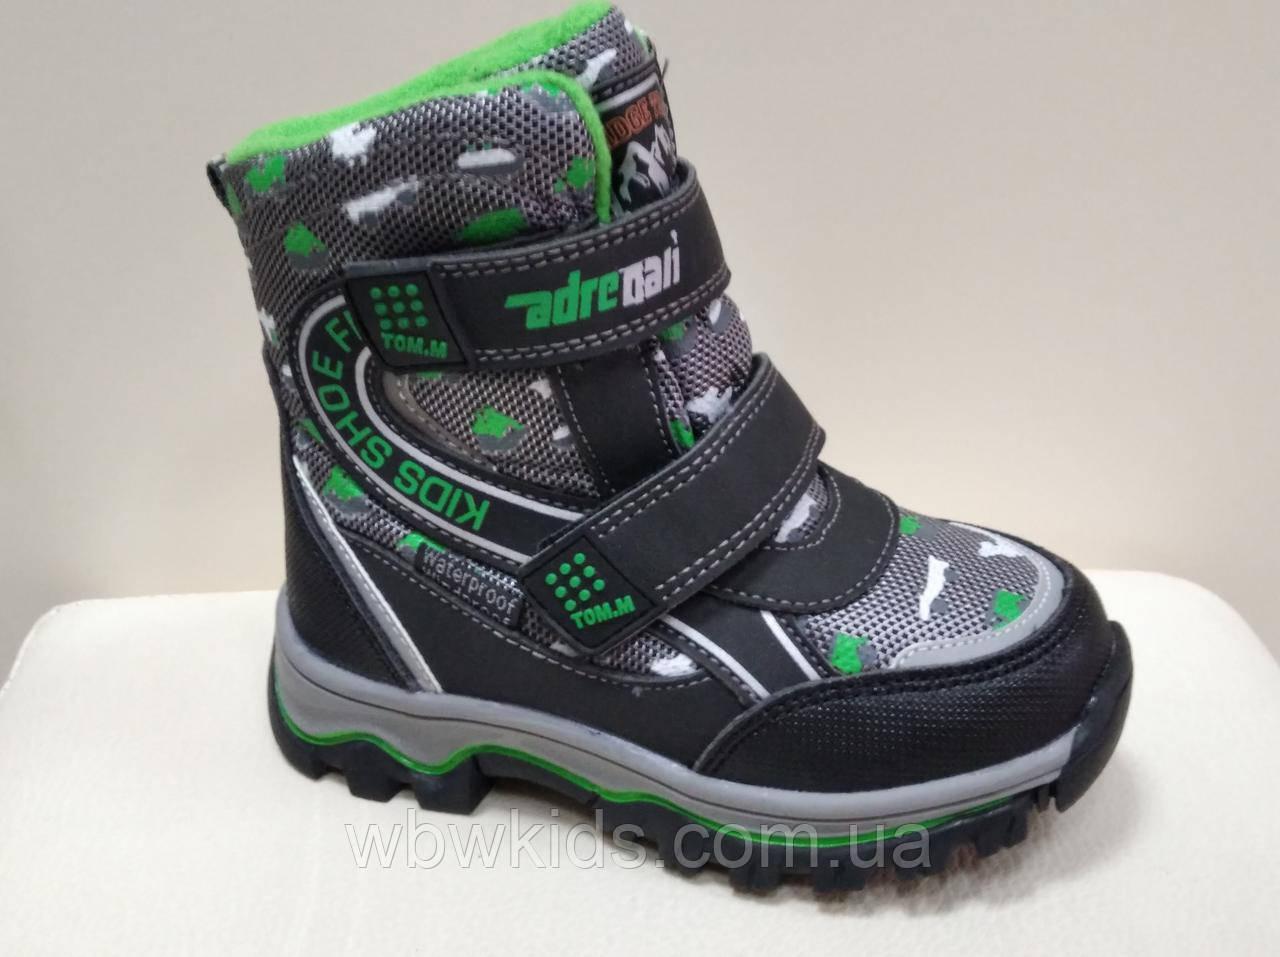 Зимние ботинки детские Tom.m C-T57-32-C для мальчика р.25